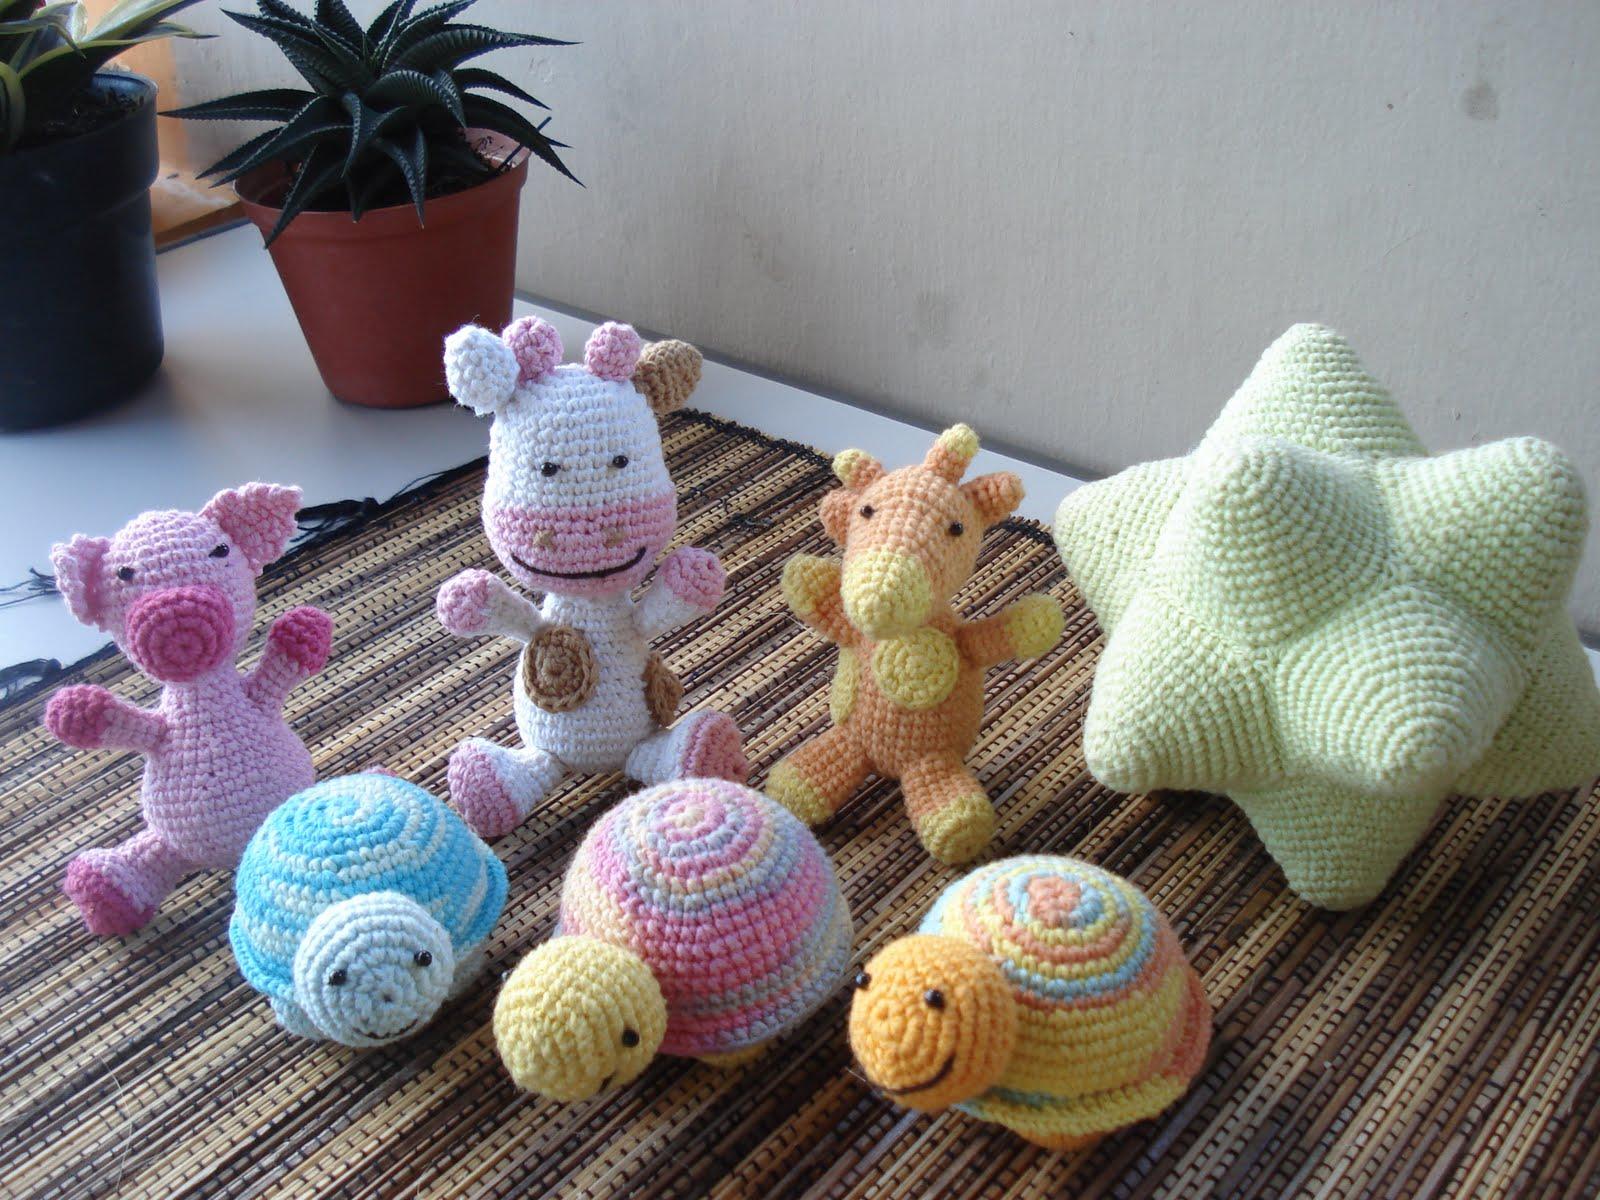 Amigurumi Boneka : Amigurumi crochet